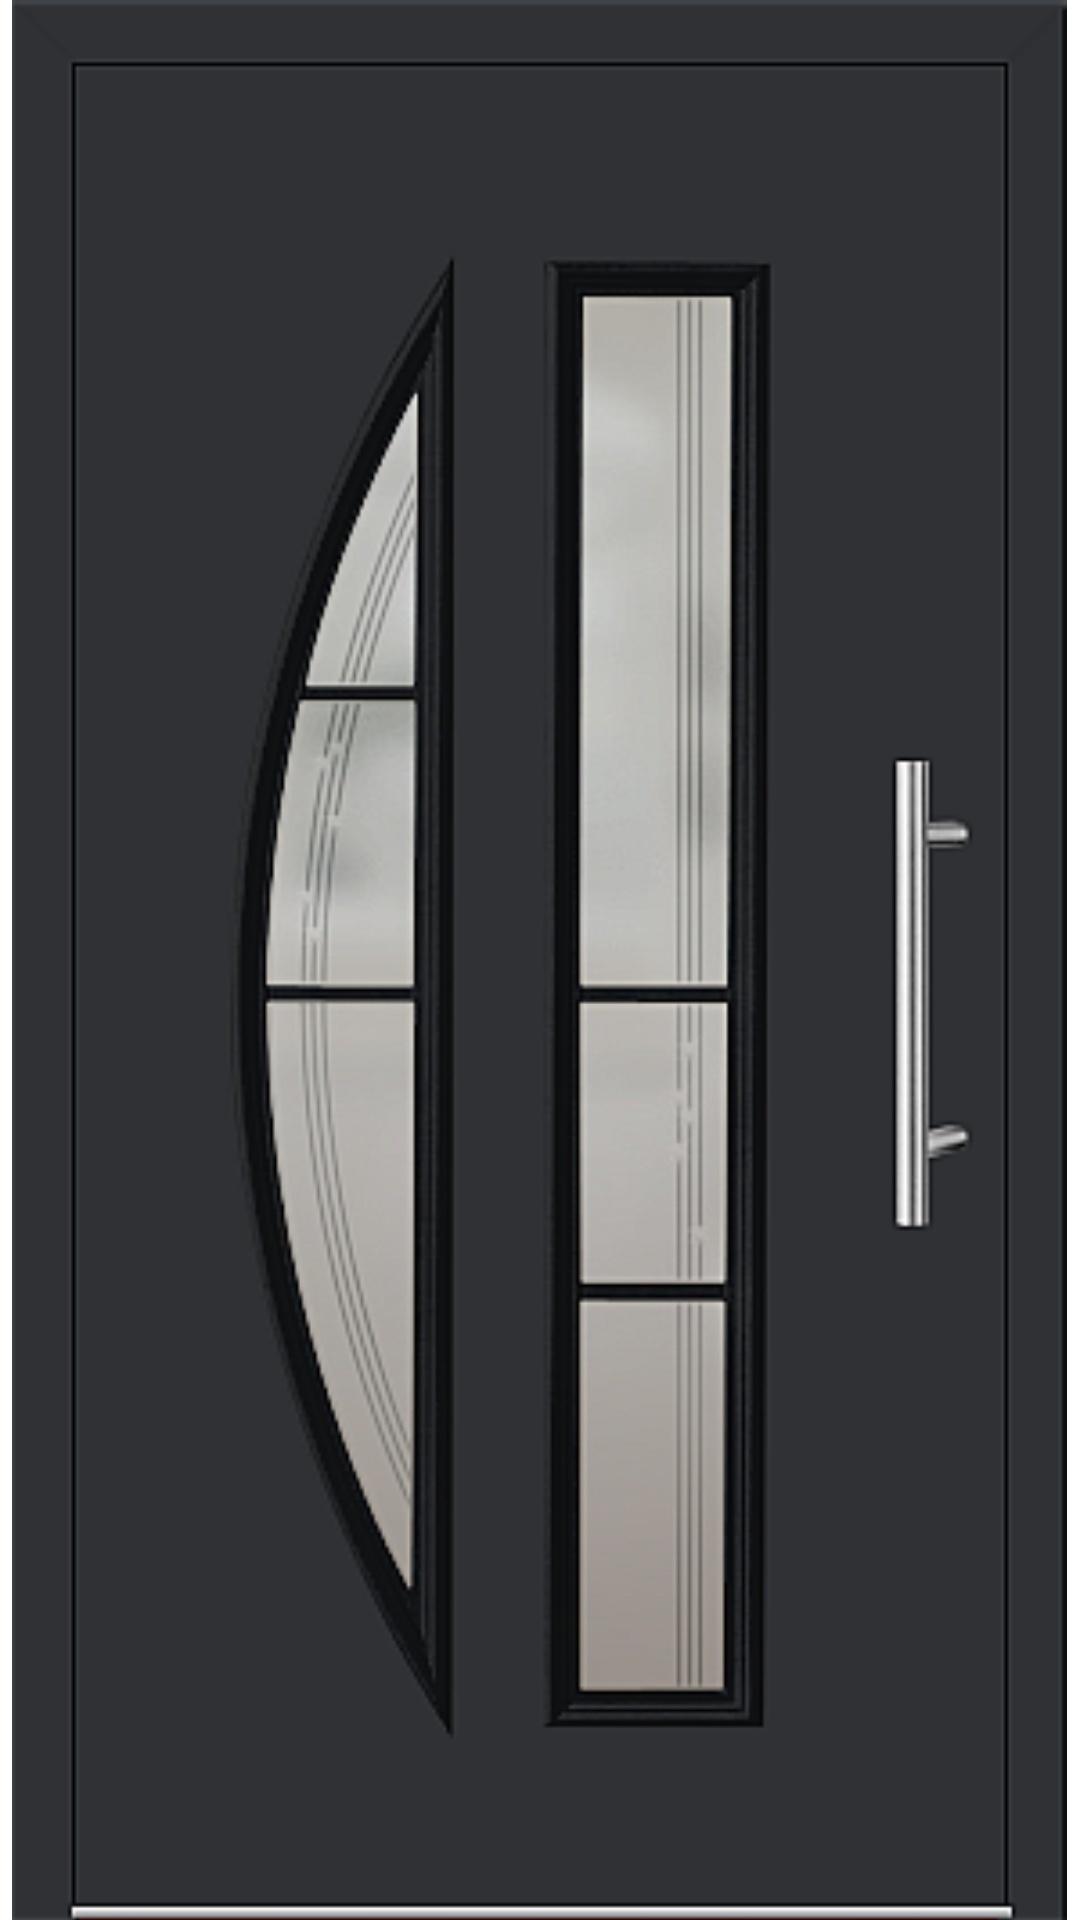 Kunststoff Haustür Modell 6525-65 schwarz